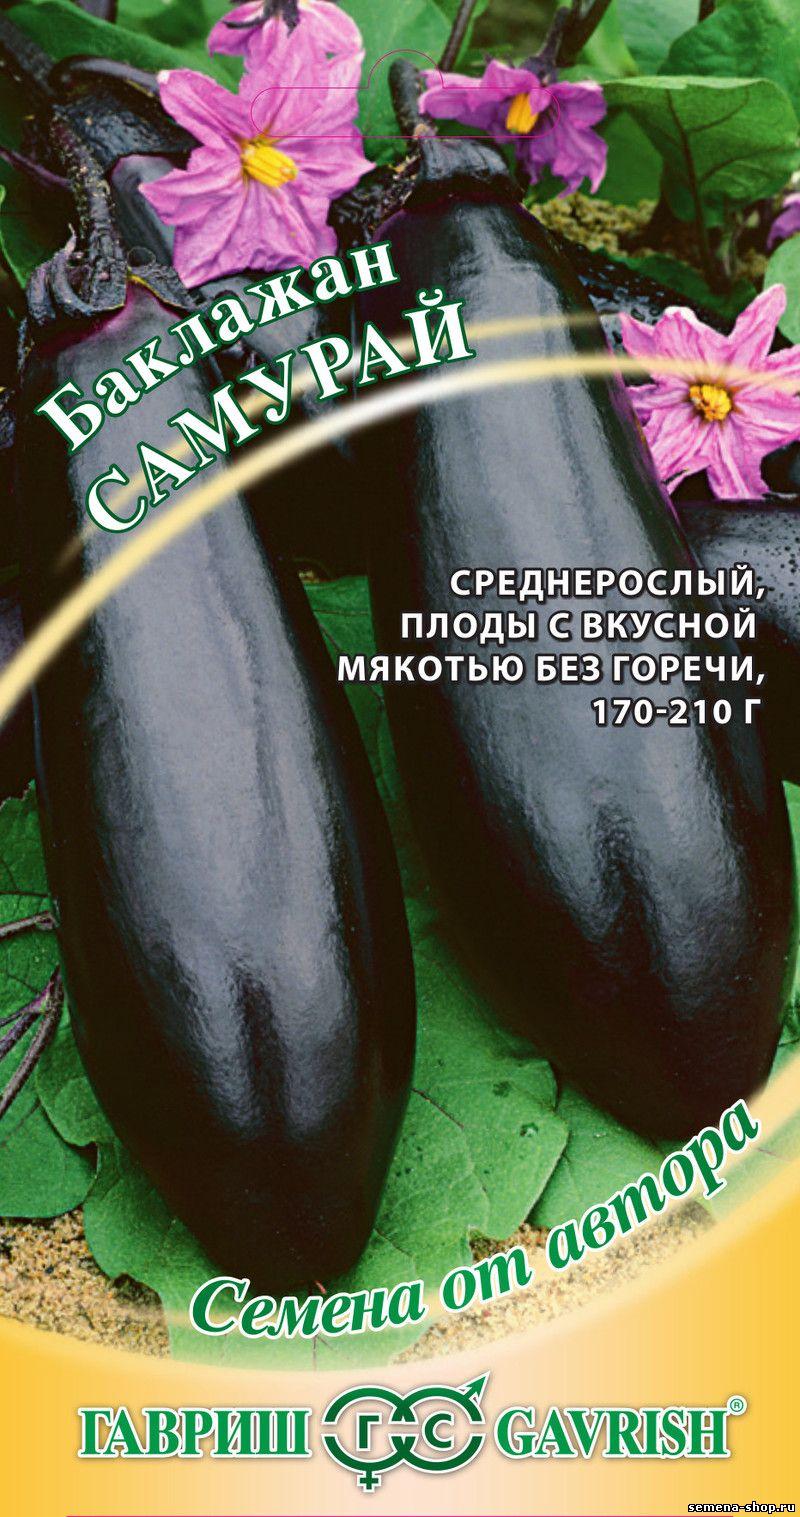 Баклажан Блэк Бьюти